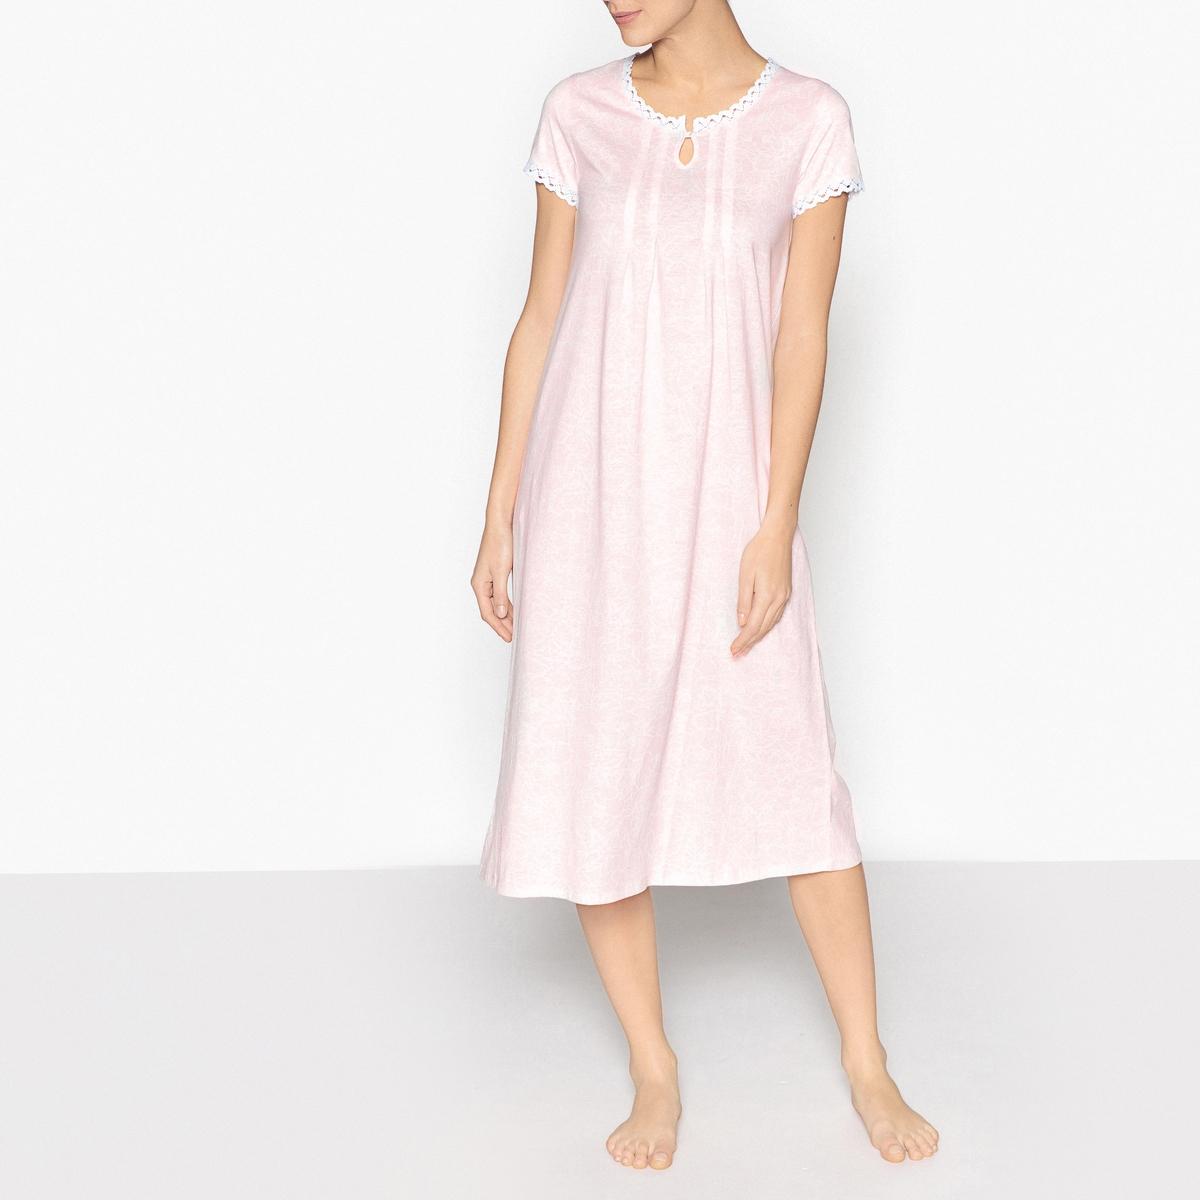 Сорочка ночная из кружева и чесаного хлопка ночная сорочка длинная без рукавов